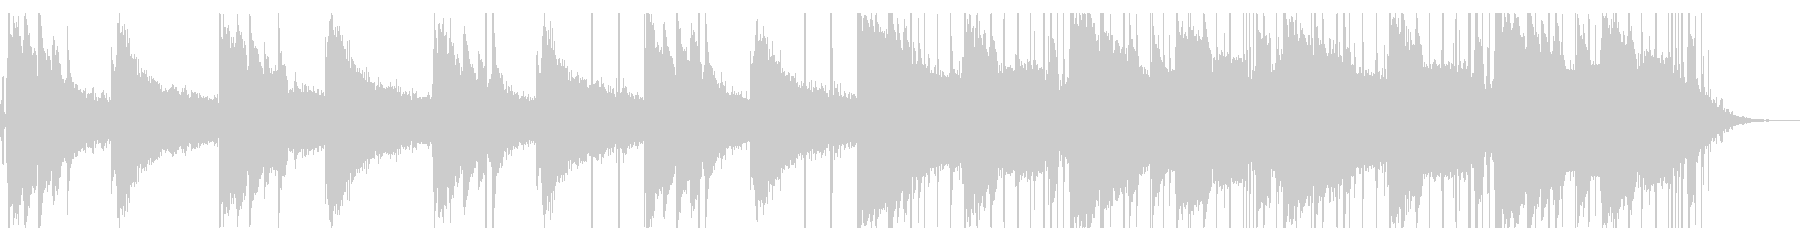 リラックス・ヒップホップ_No392_2の未再生の波形